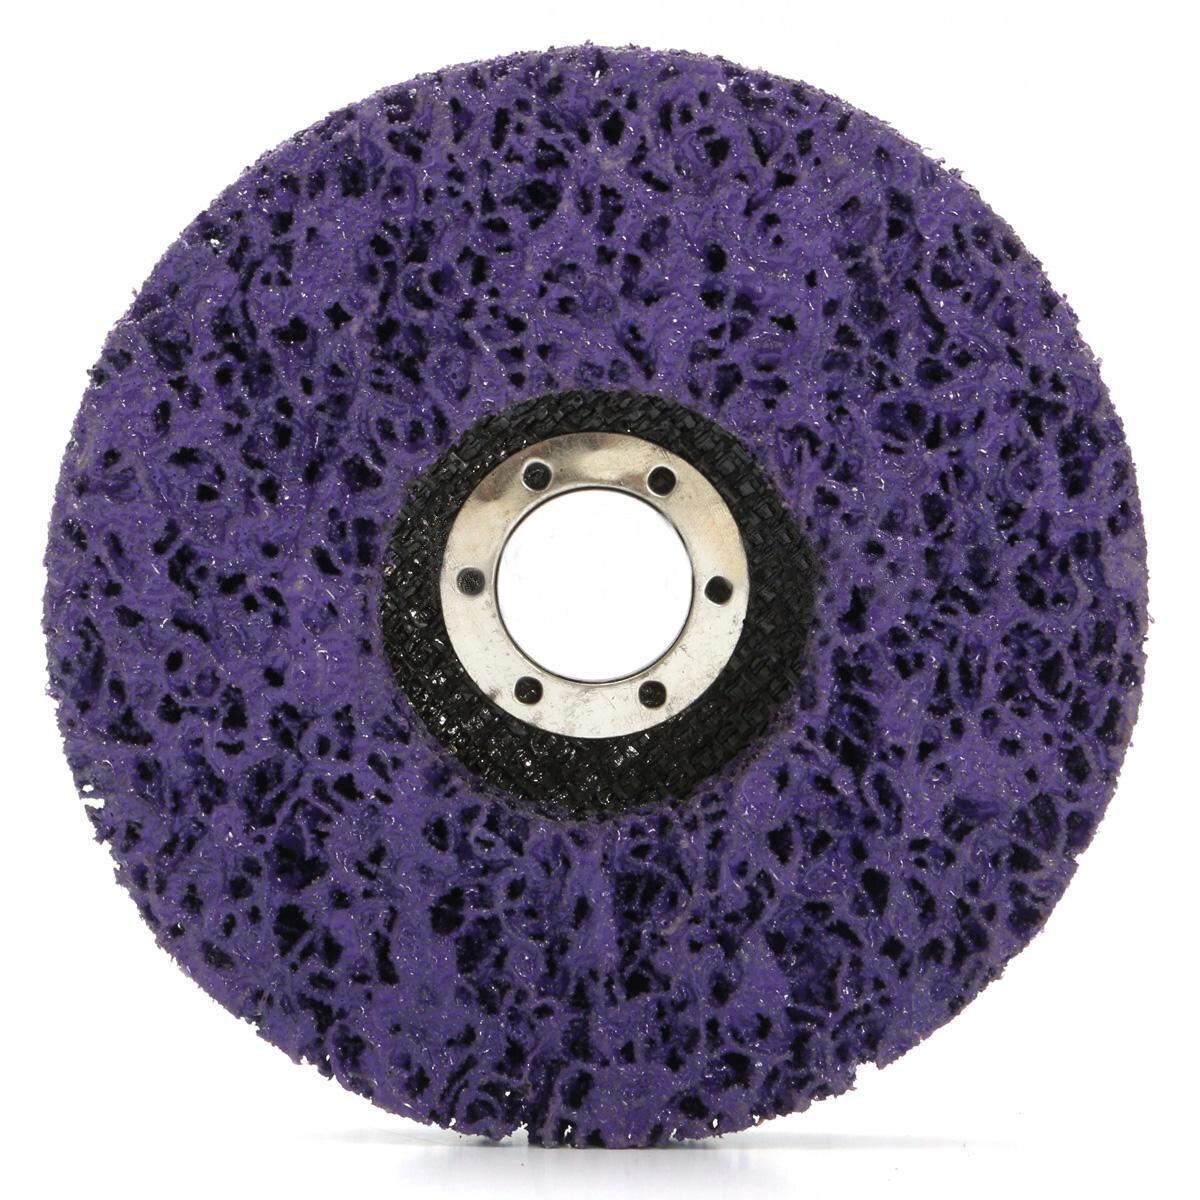 2 шт. 125 мм чисто шлифовальные Колёса Краски удаления ржавчины Поли полосы диск 40 крупы для Болгарки